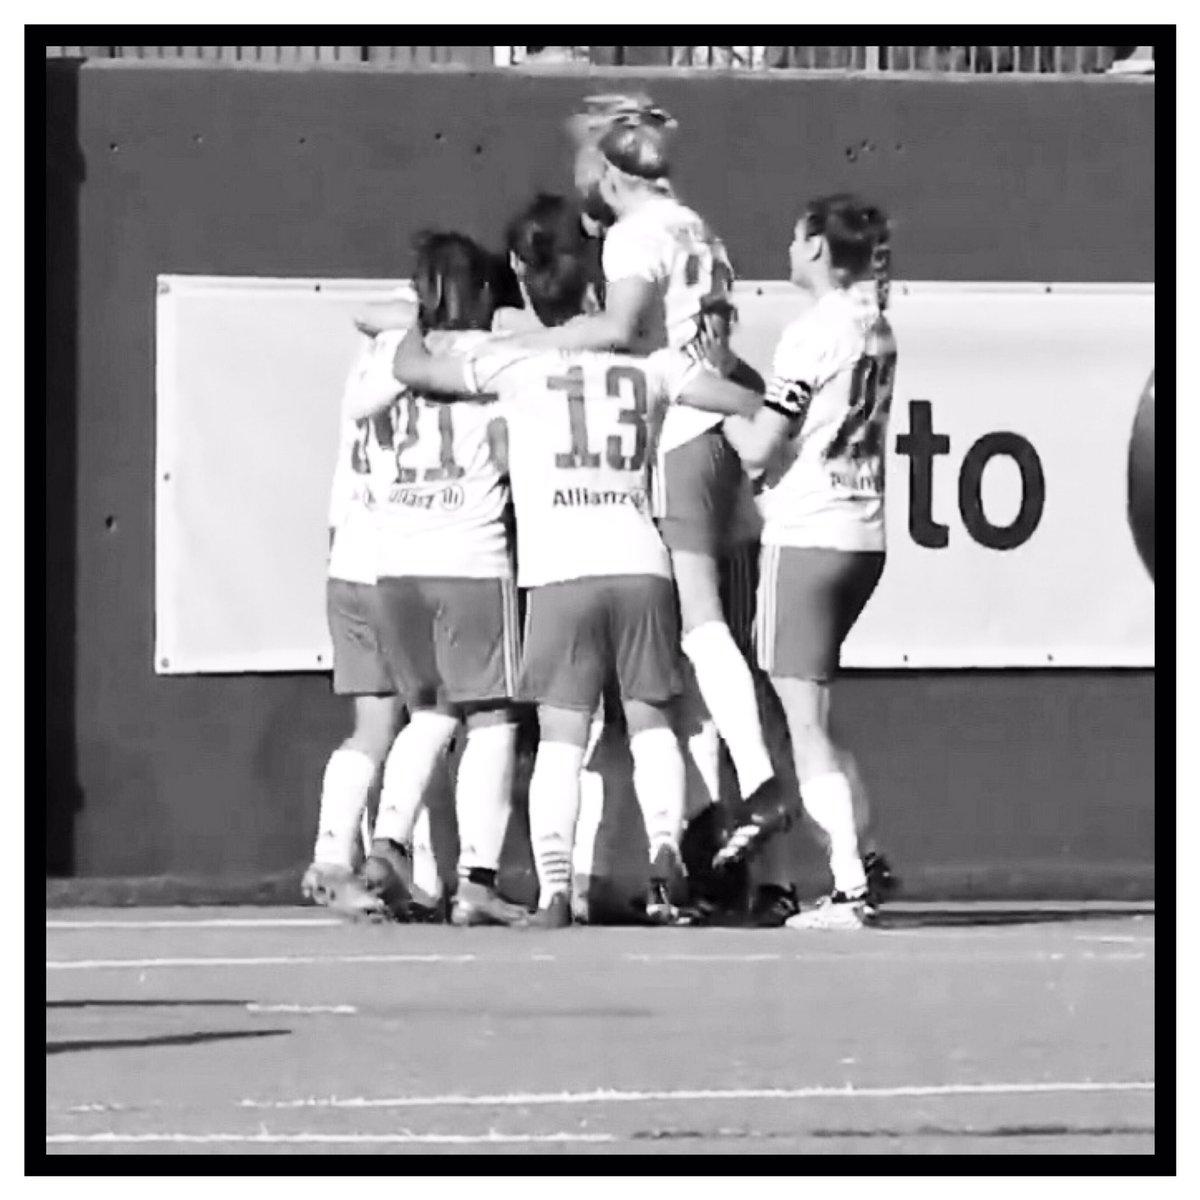 Dovevamo conquistare i tre punti  e lo avete fatto in maniera convincente. Brave tutte👏👏👏 #finoallafine ⚪️⚫️ #juventus 🌪🔥 #liveahead @JuventusFCWomen